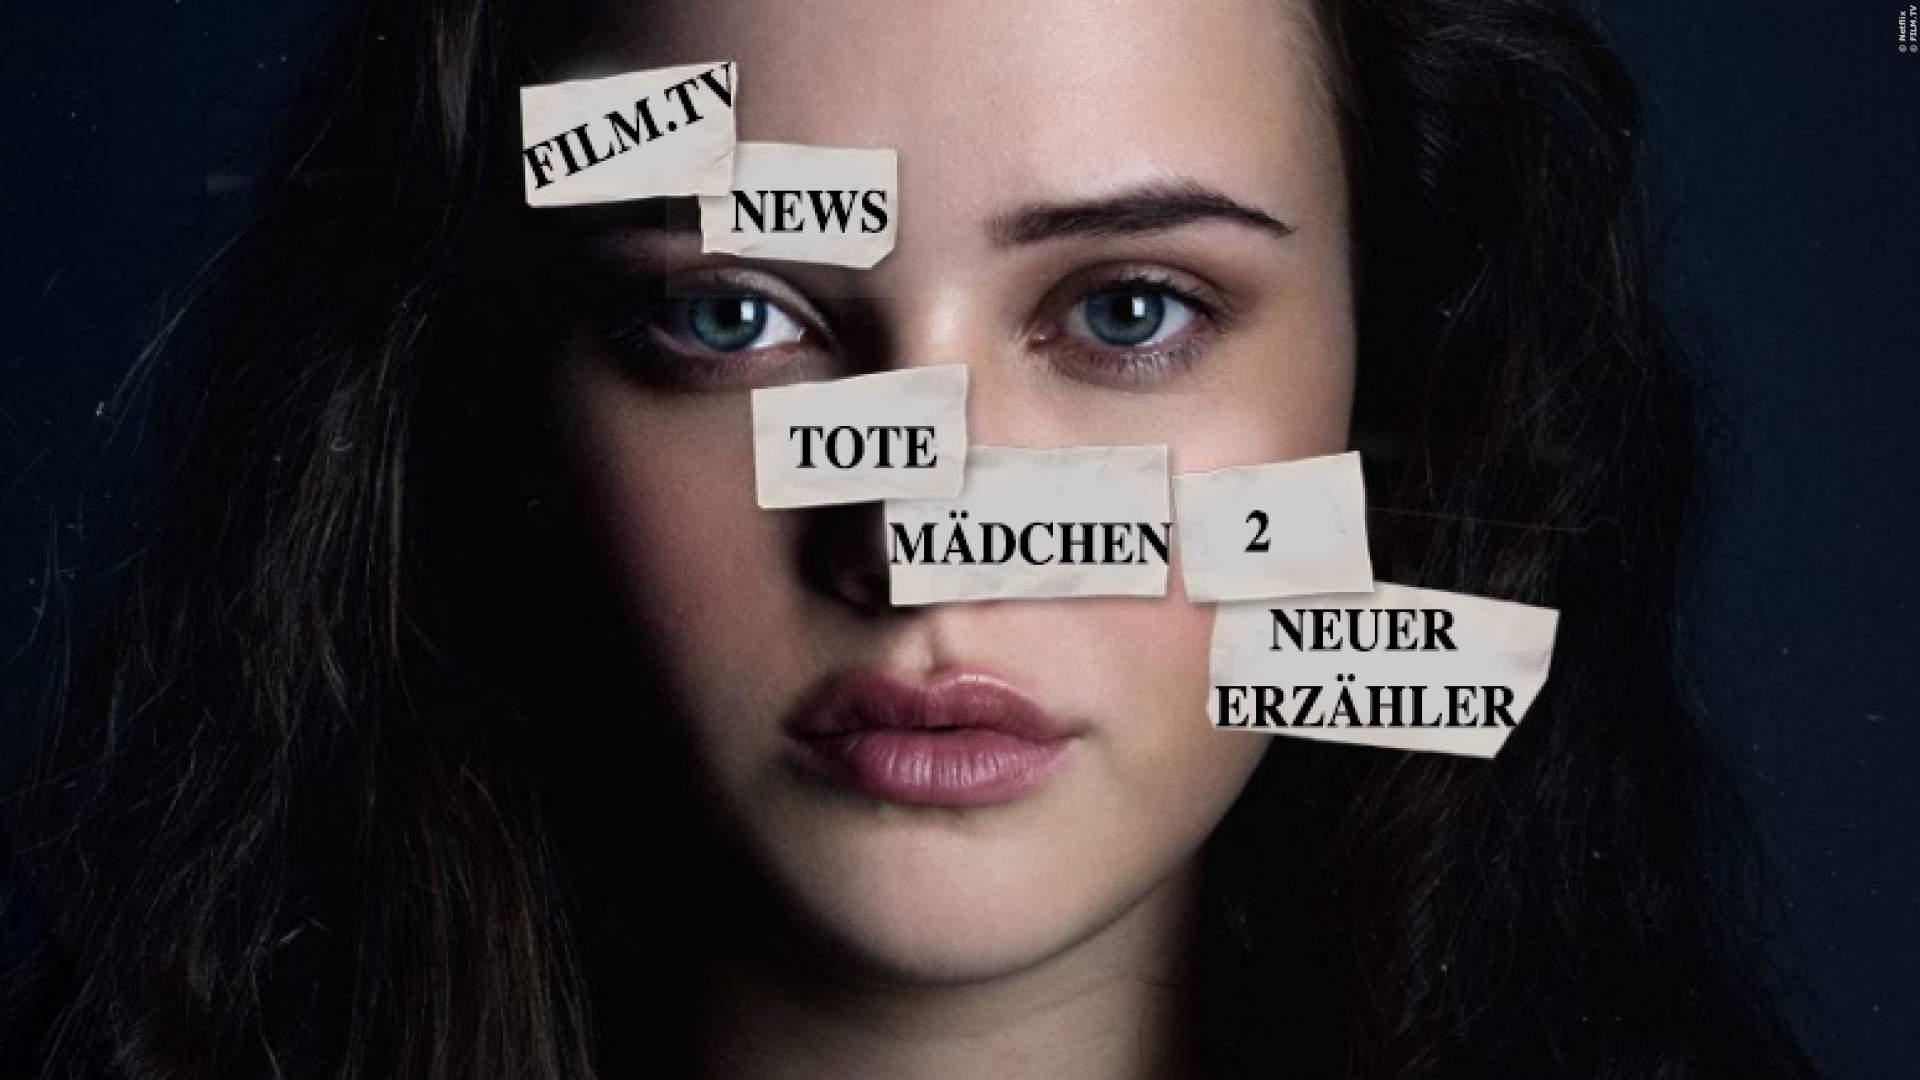 Tote Mädchen Lügen Nicht 2 Bs